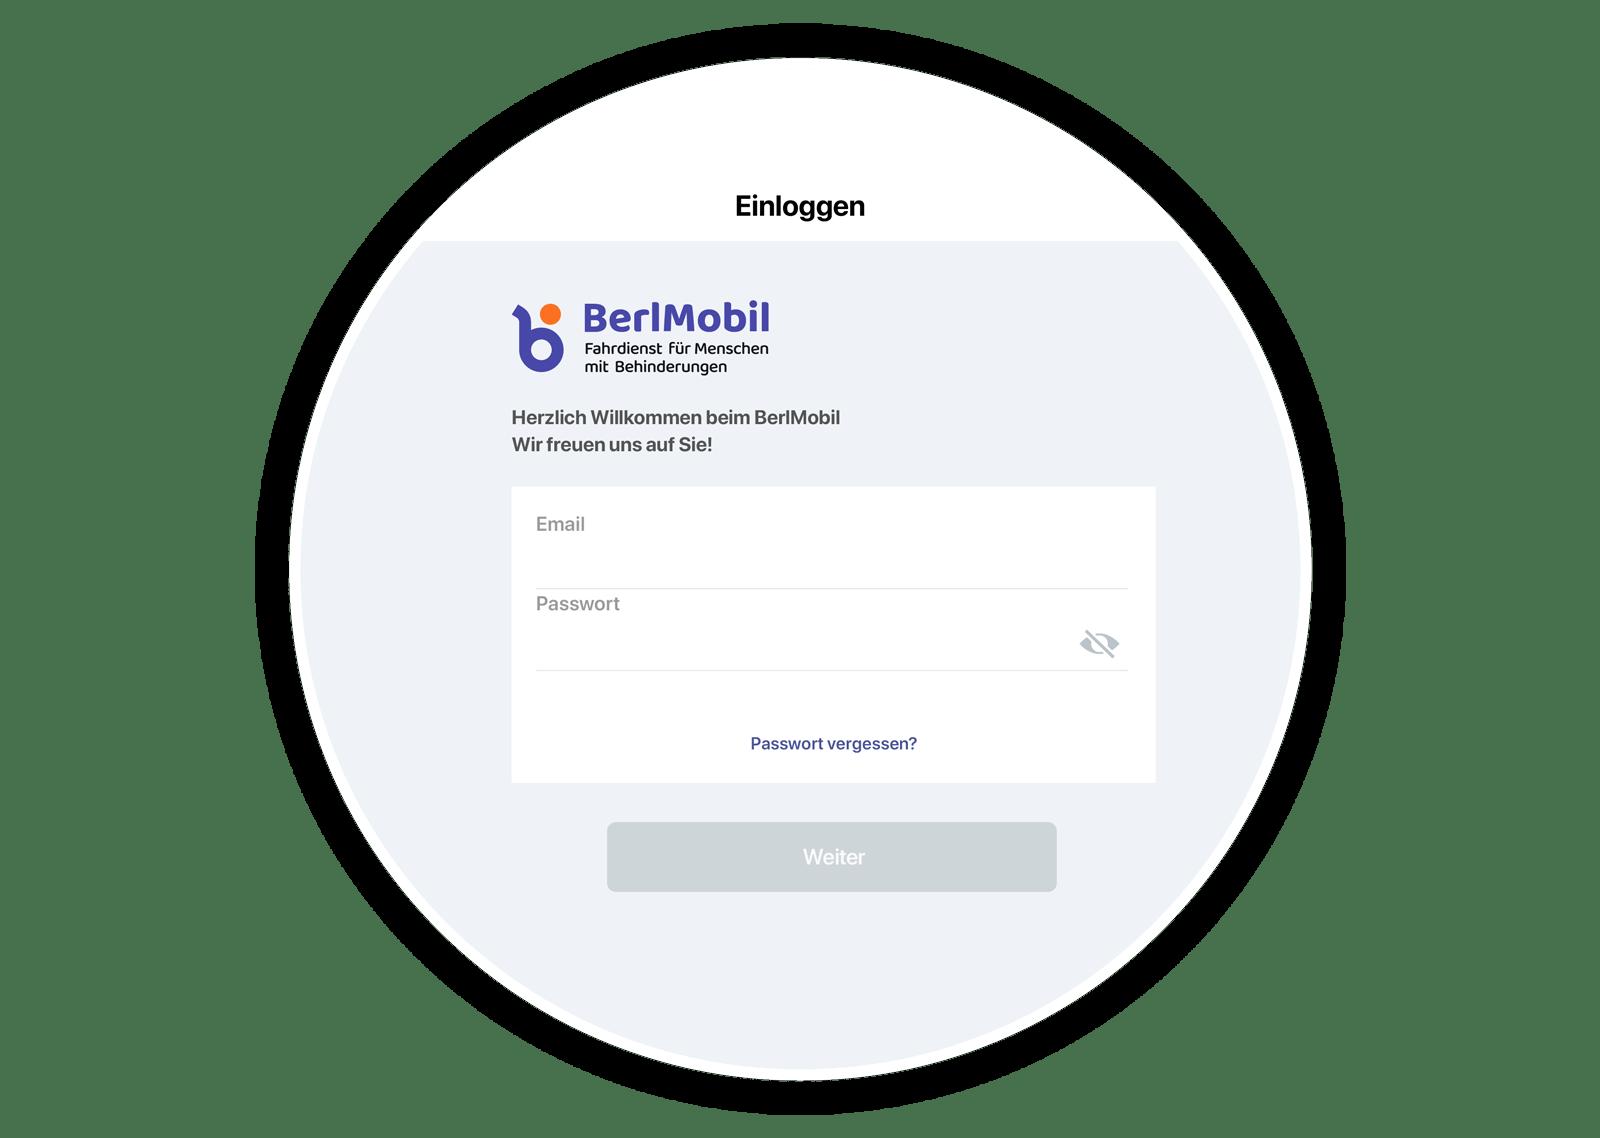 Ein Screenshot von dem Login Screen der BerlMobil Web-App